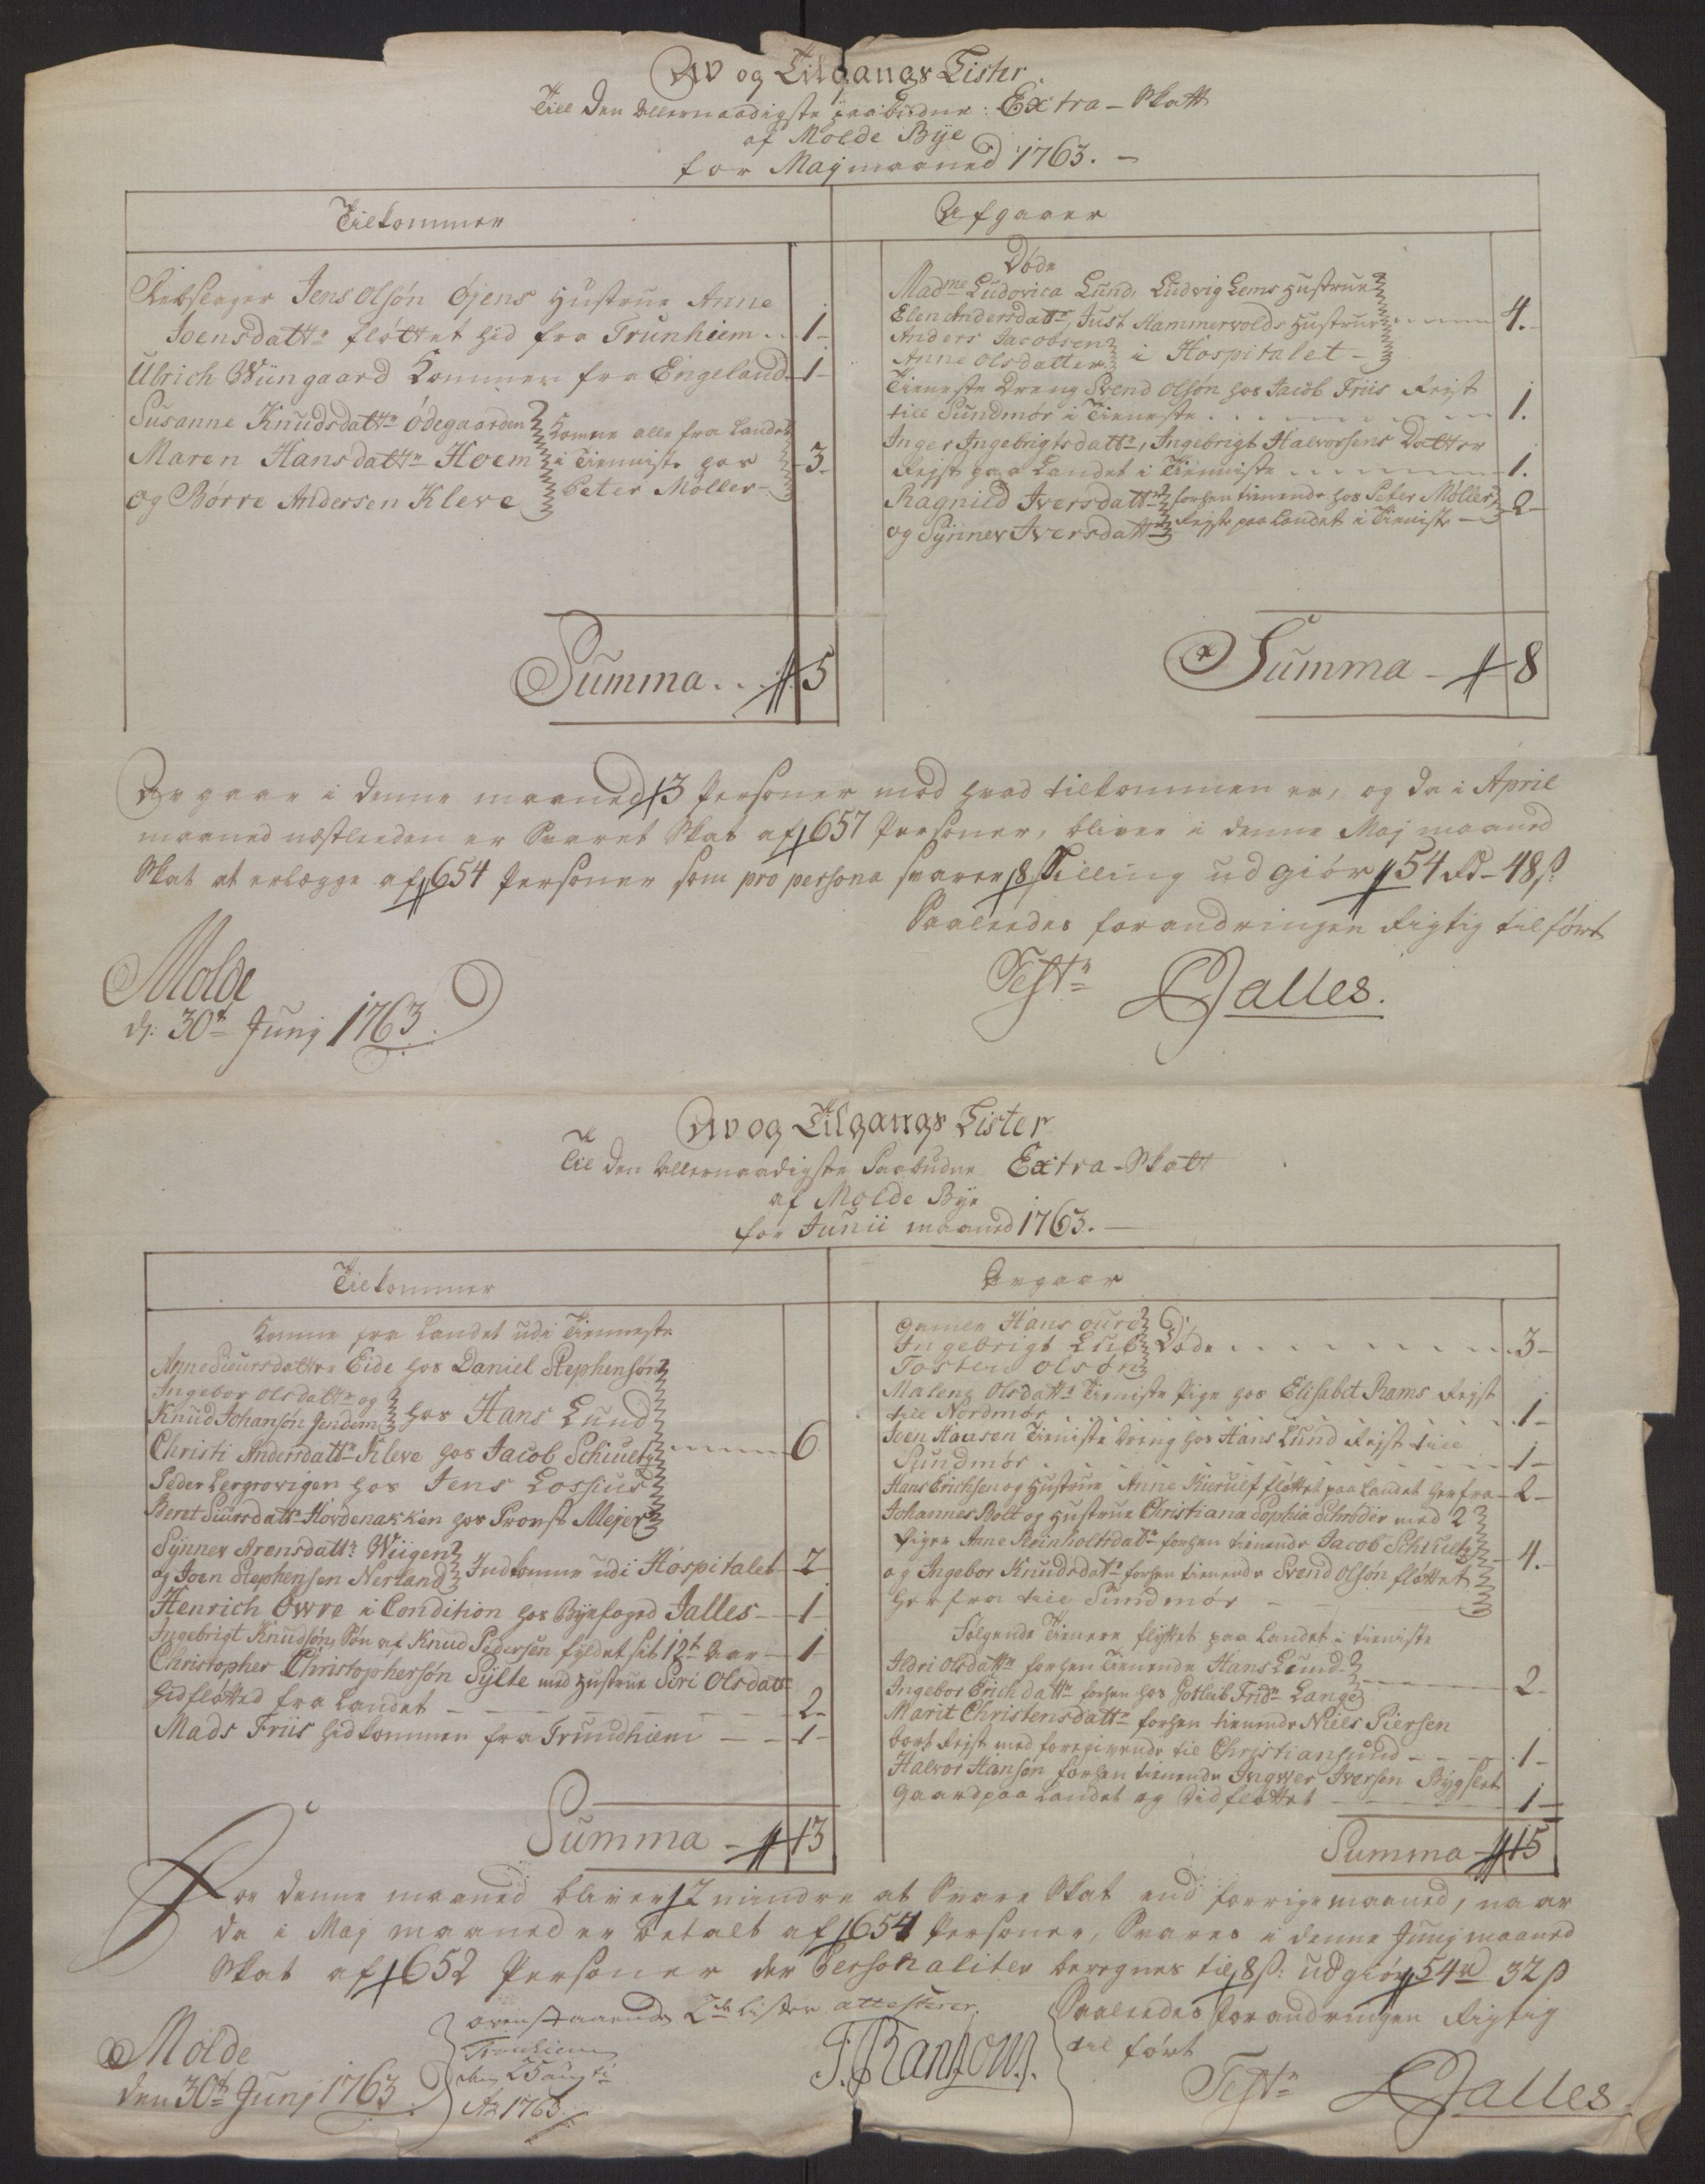 RA, Rentekammeret inntil 1814, Reviderte regnskaper, Byregnskaper, R/Rq/L0487: [Q1] Kontribusjonsregnskap, 1762-1772, s. 47